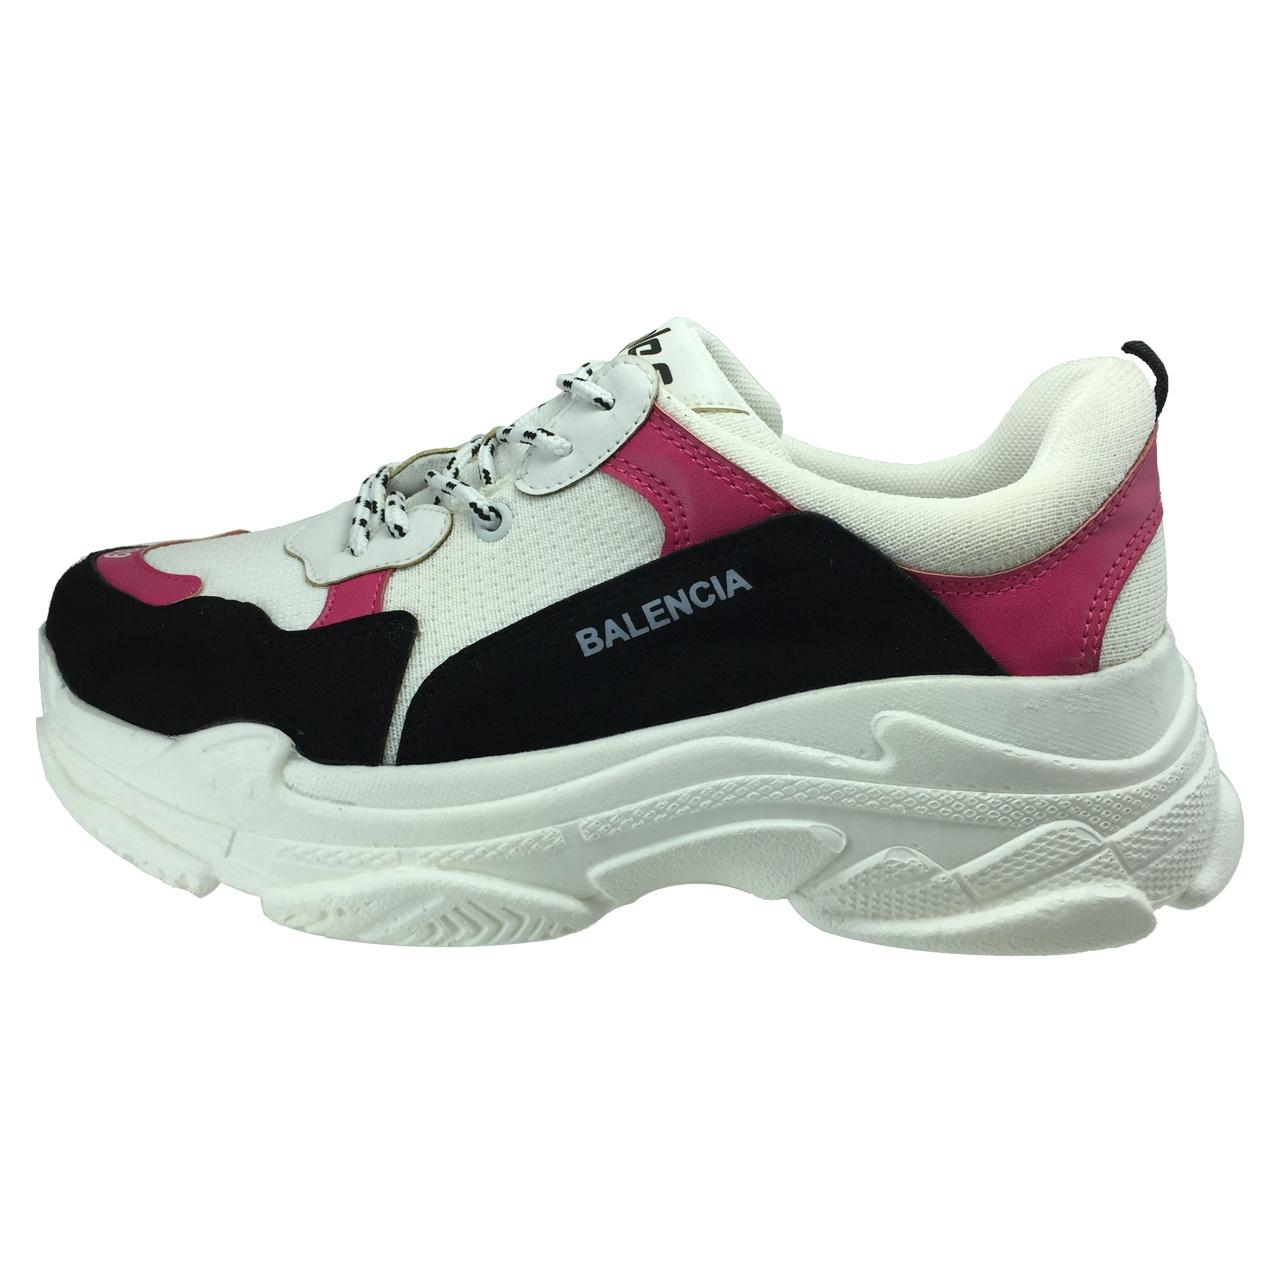 کفش زنانه طرح بالنسیا مدل B84